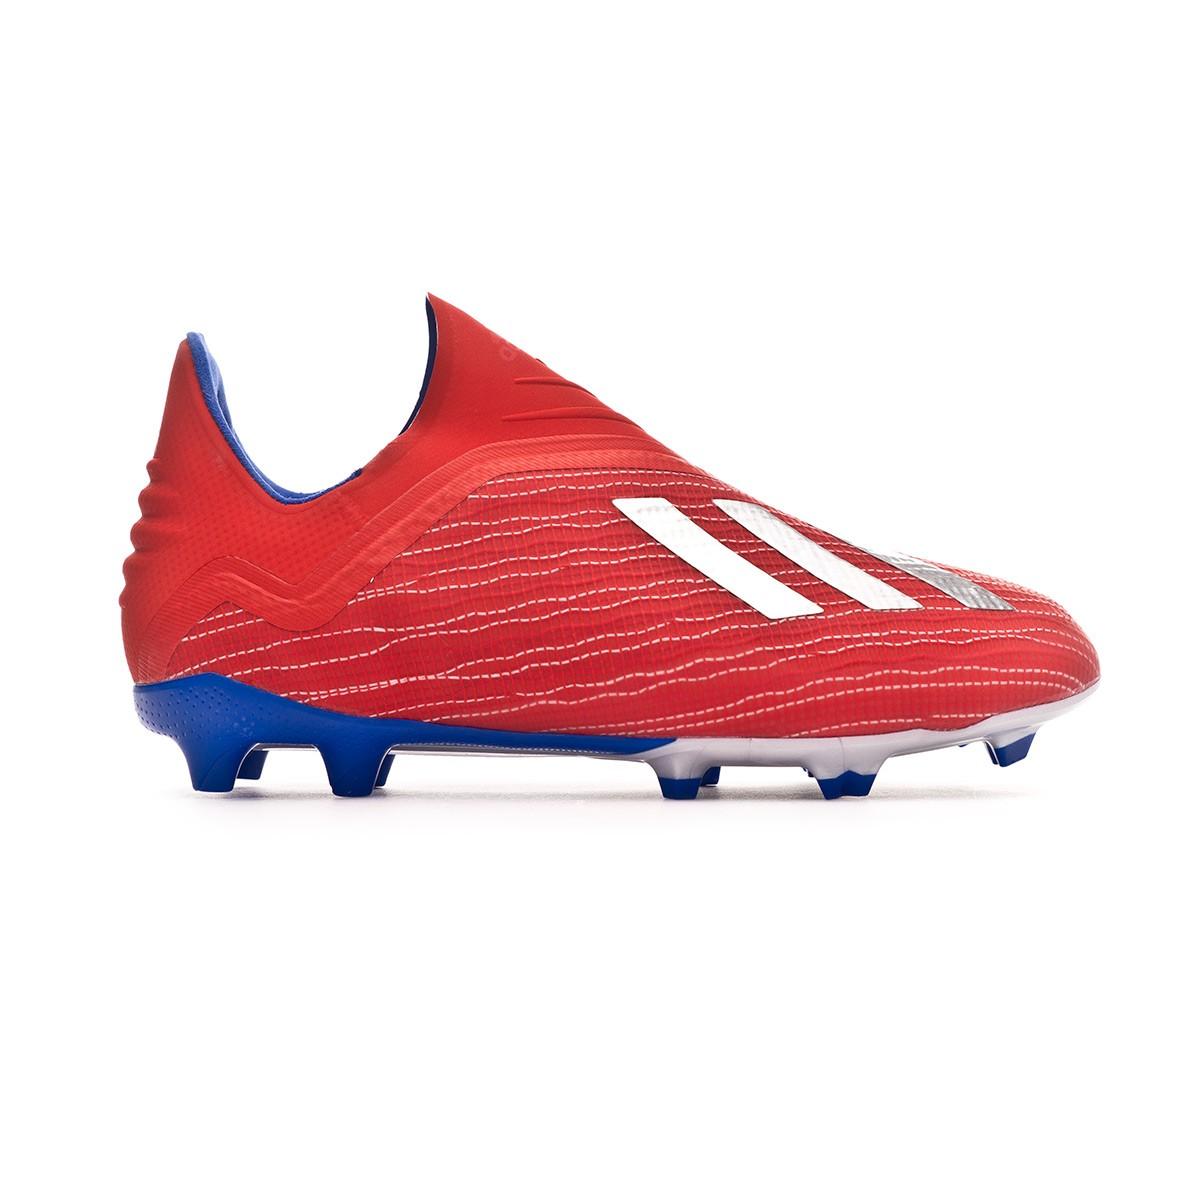 acantilado reflujo Permanecer de pié  Bota de fútbol adidas X 18+ FG Niño Active red-Silver metallic-Bold blue -  Tienda de fútbol Fútbol Emotion